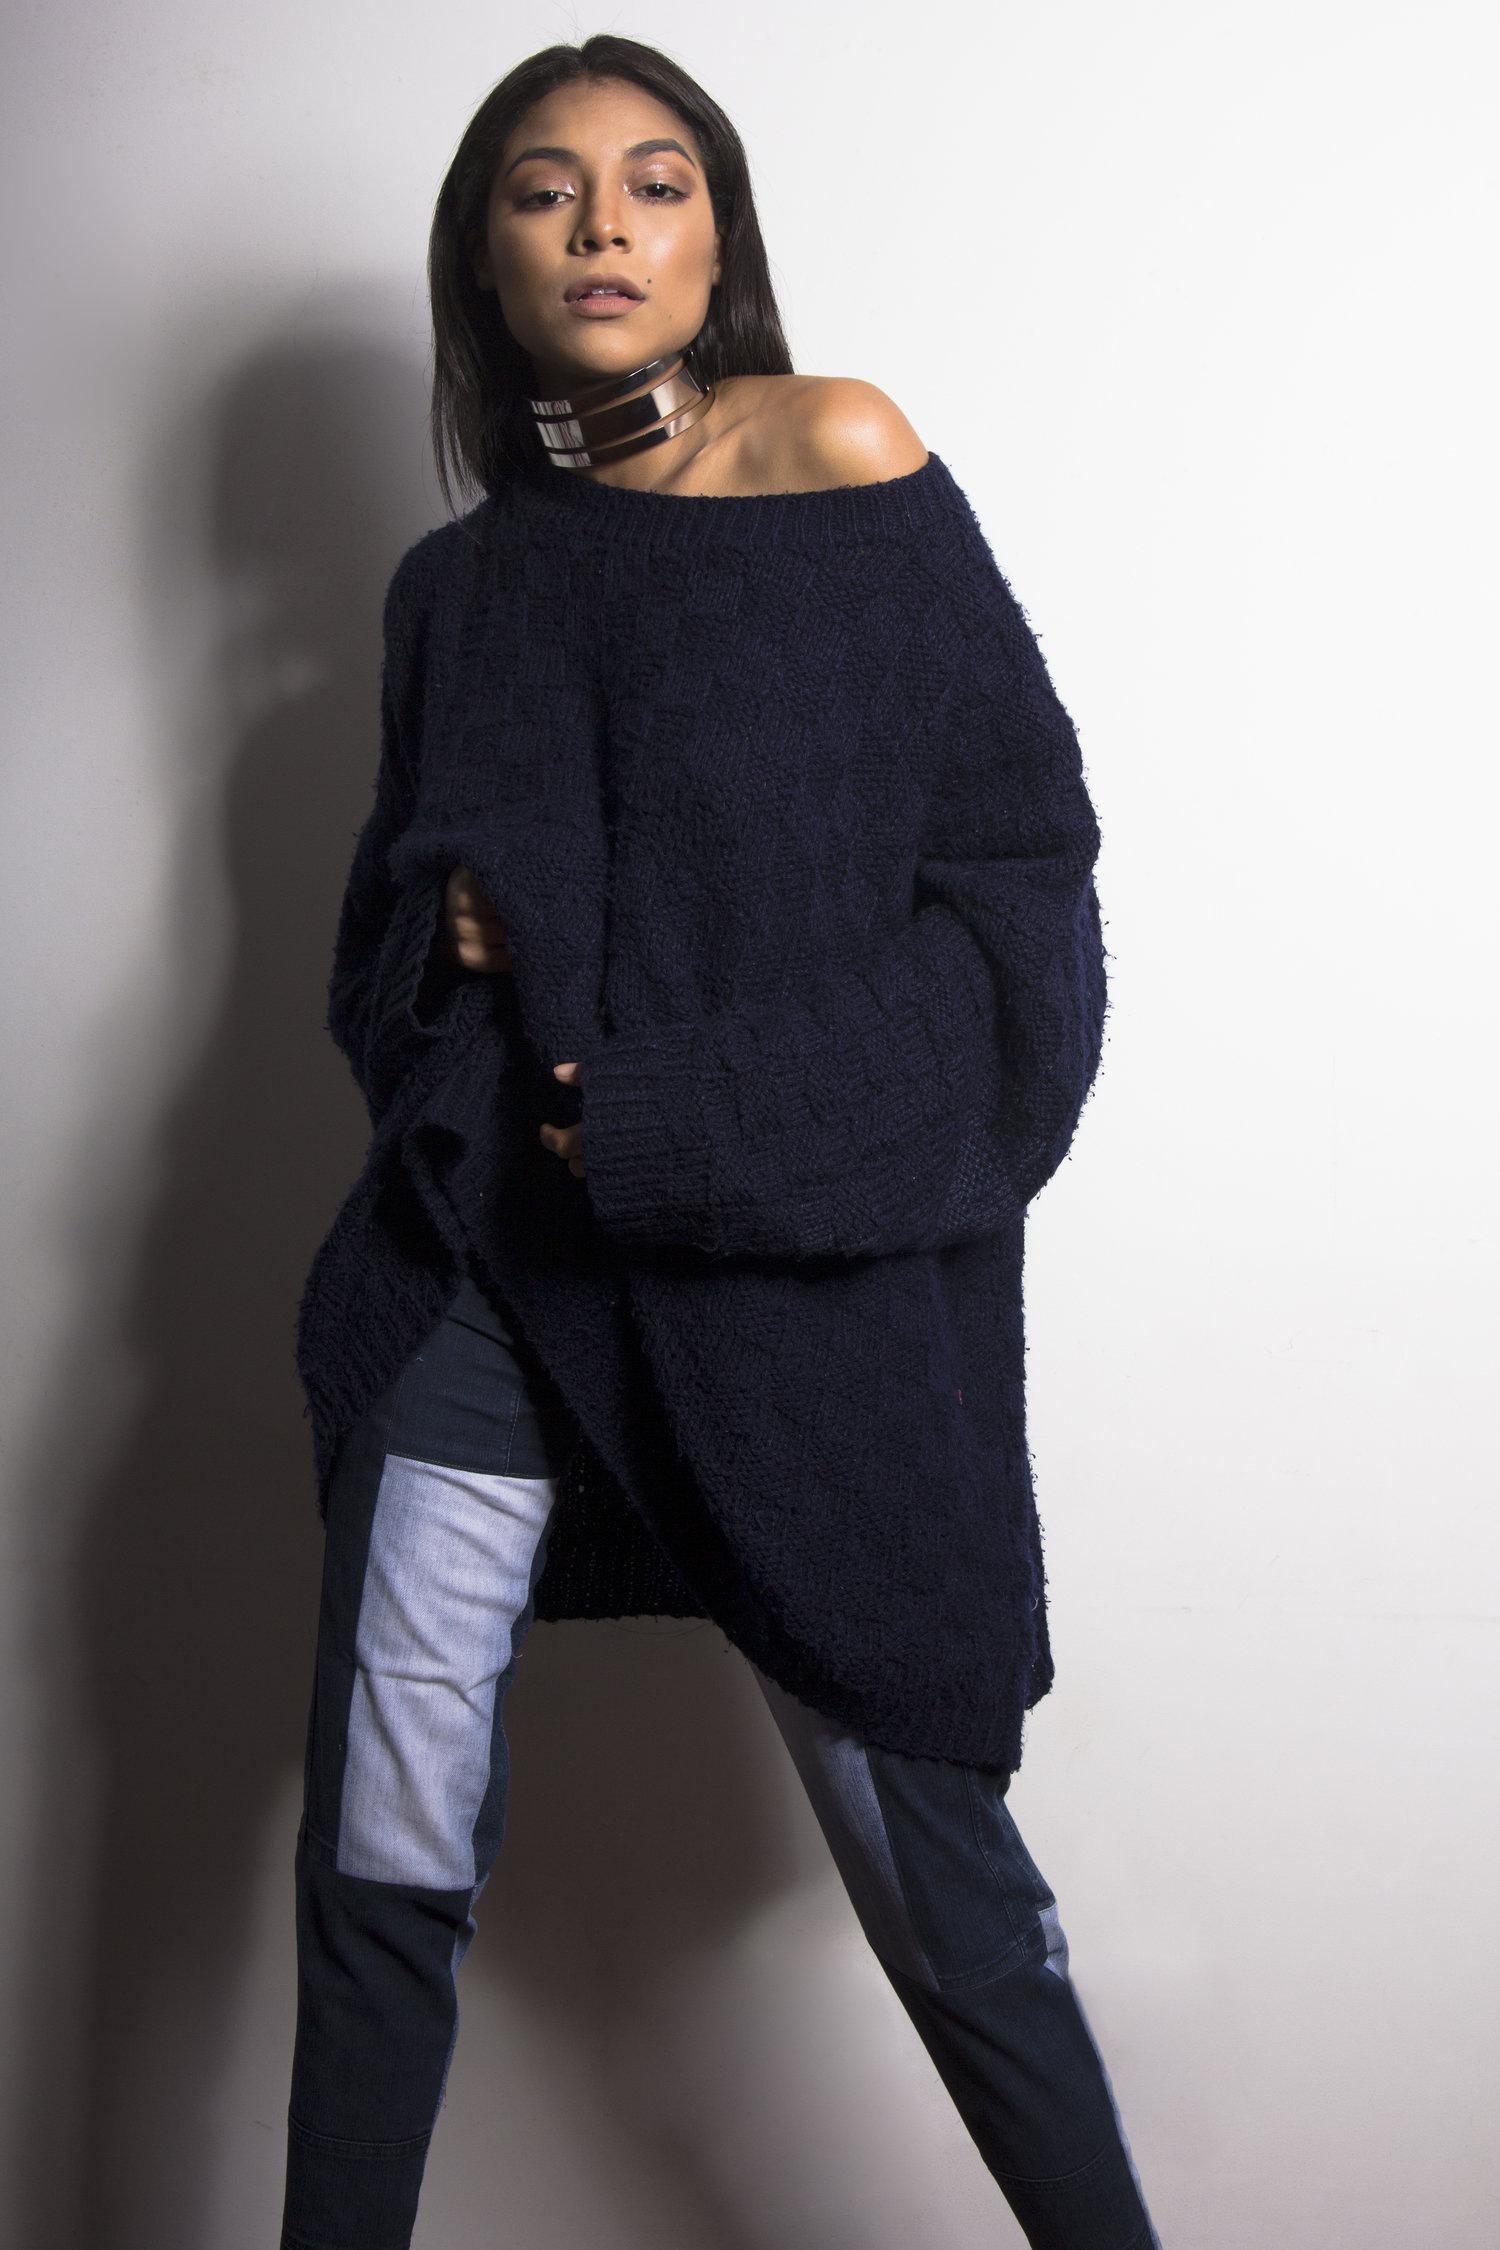 Diseñadora de moda aplica técnicas ancestrales